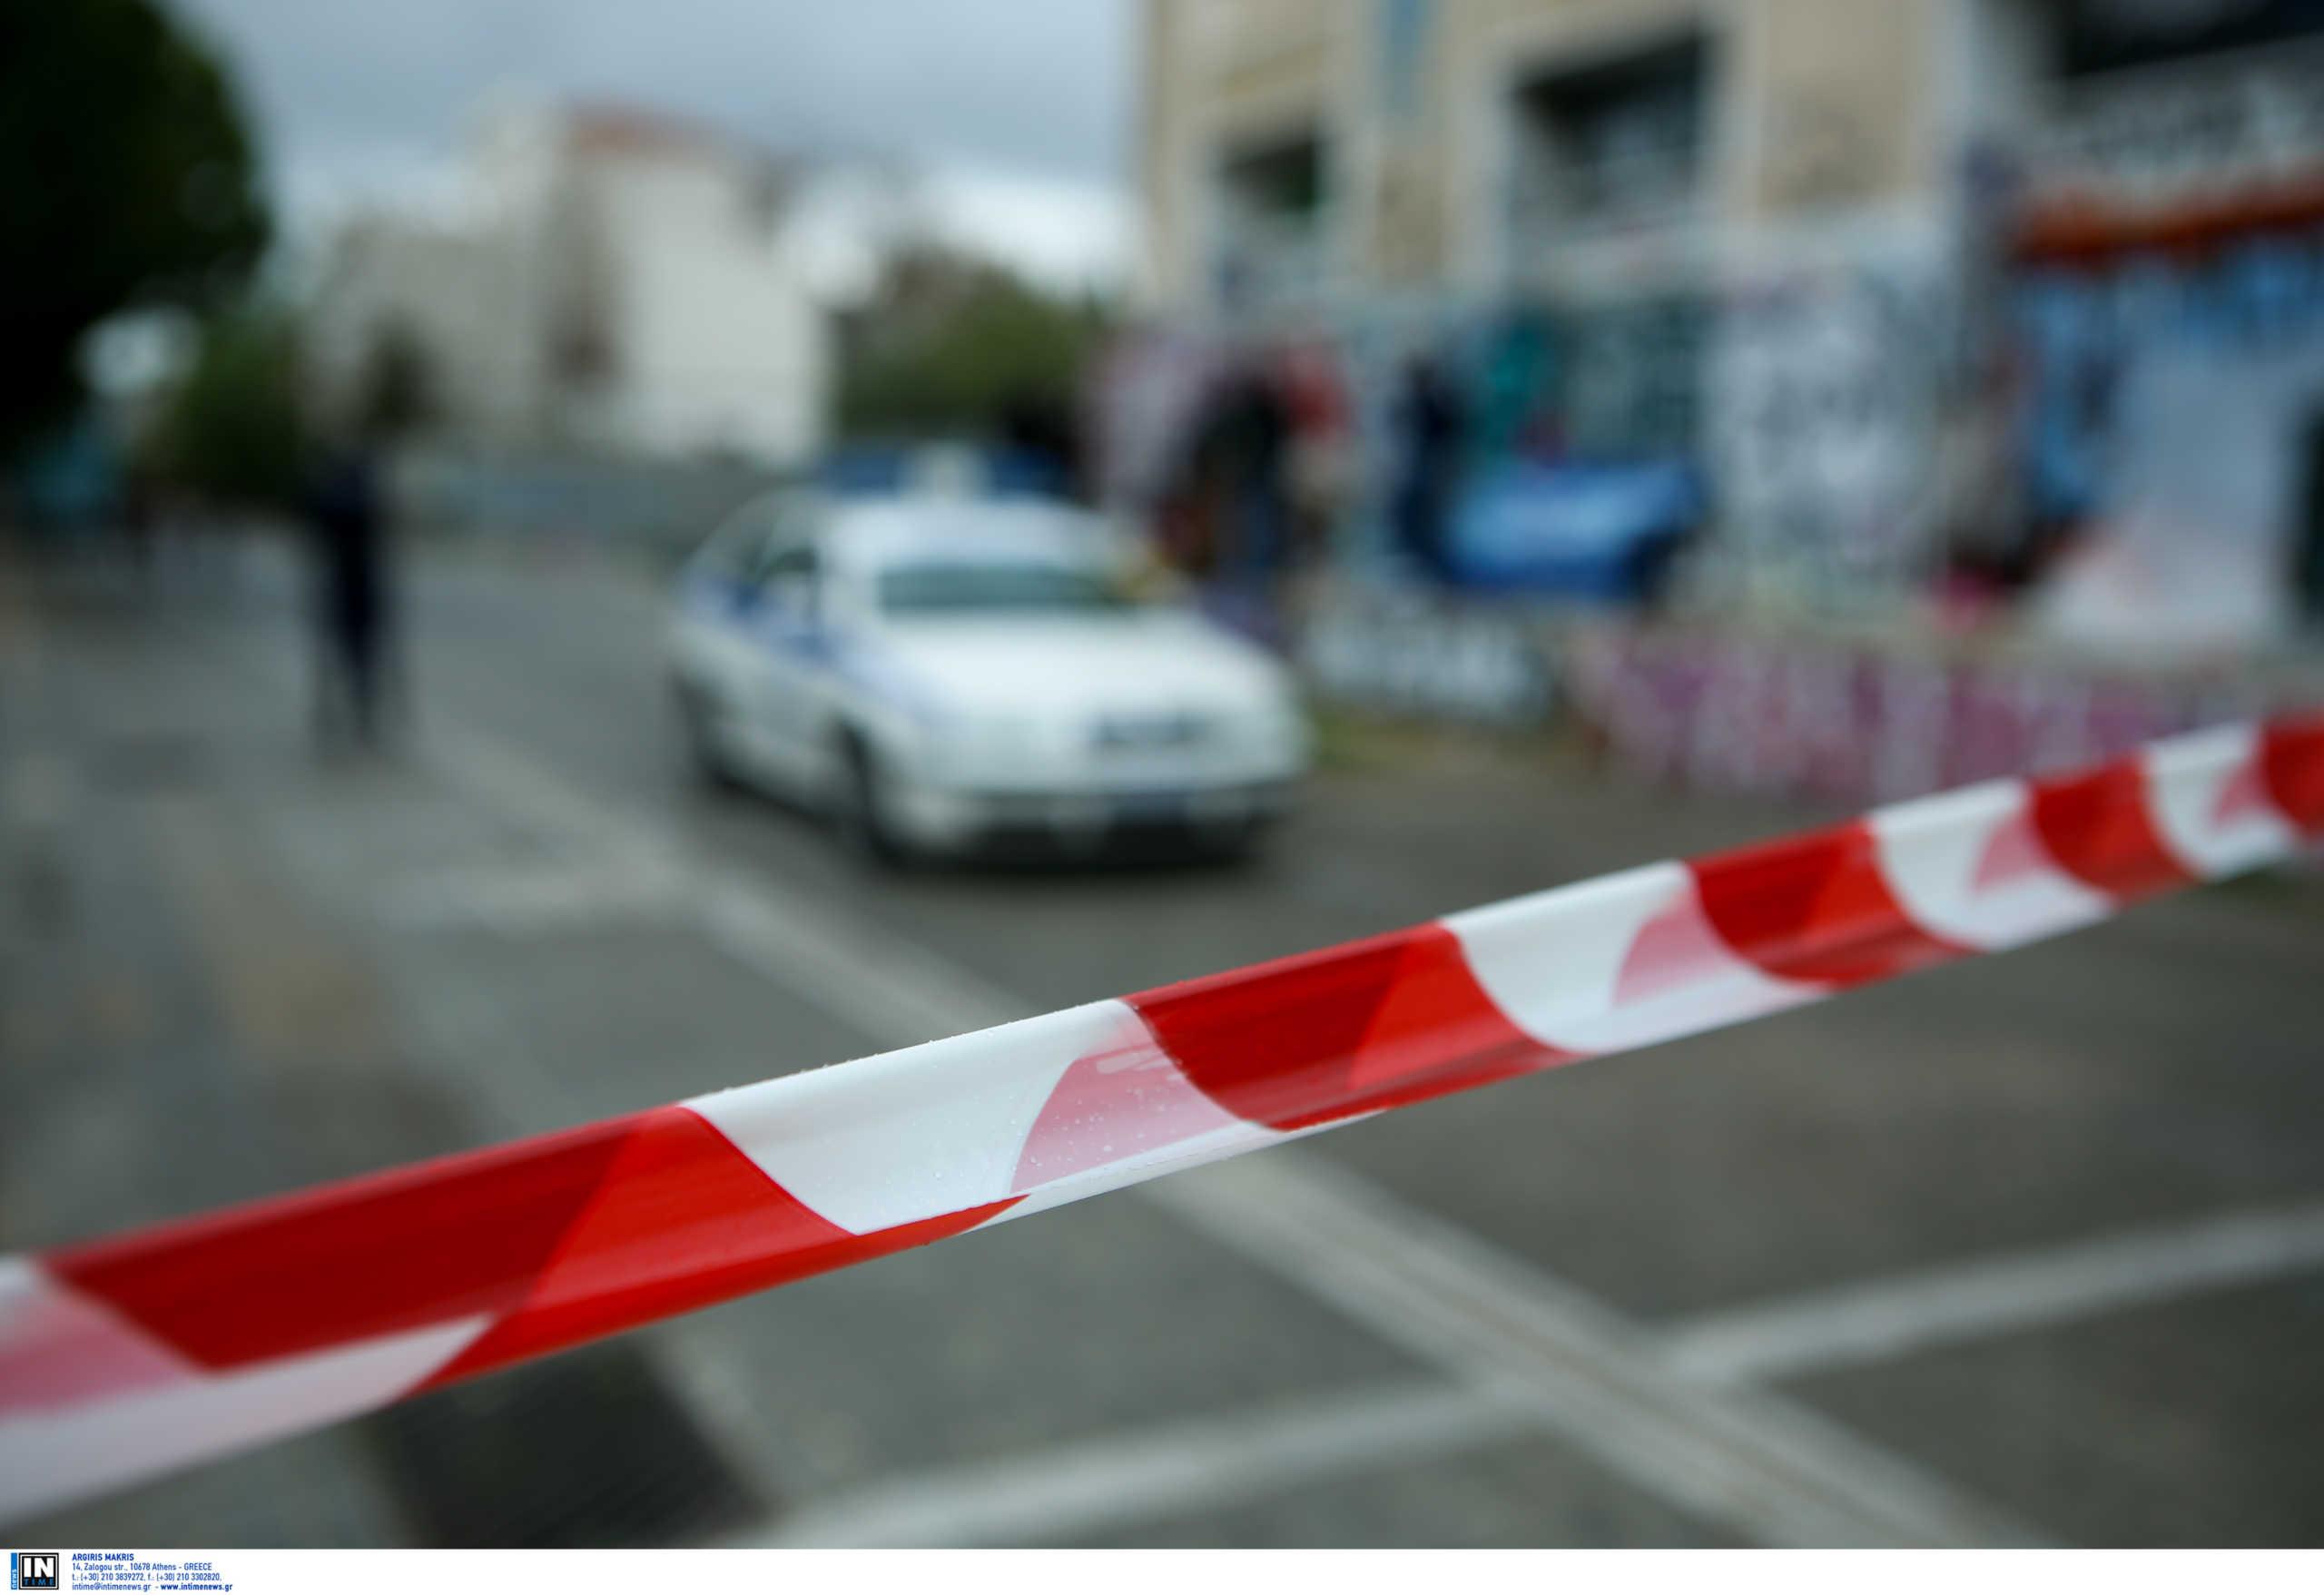 Μετέωρα: Αγανάκτηση από τις κόντρες με μηχανές! Οι κάτοικοι συγκεντρώνουν υπογραφές